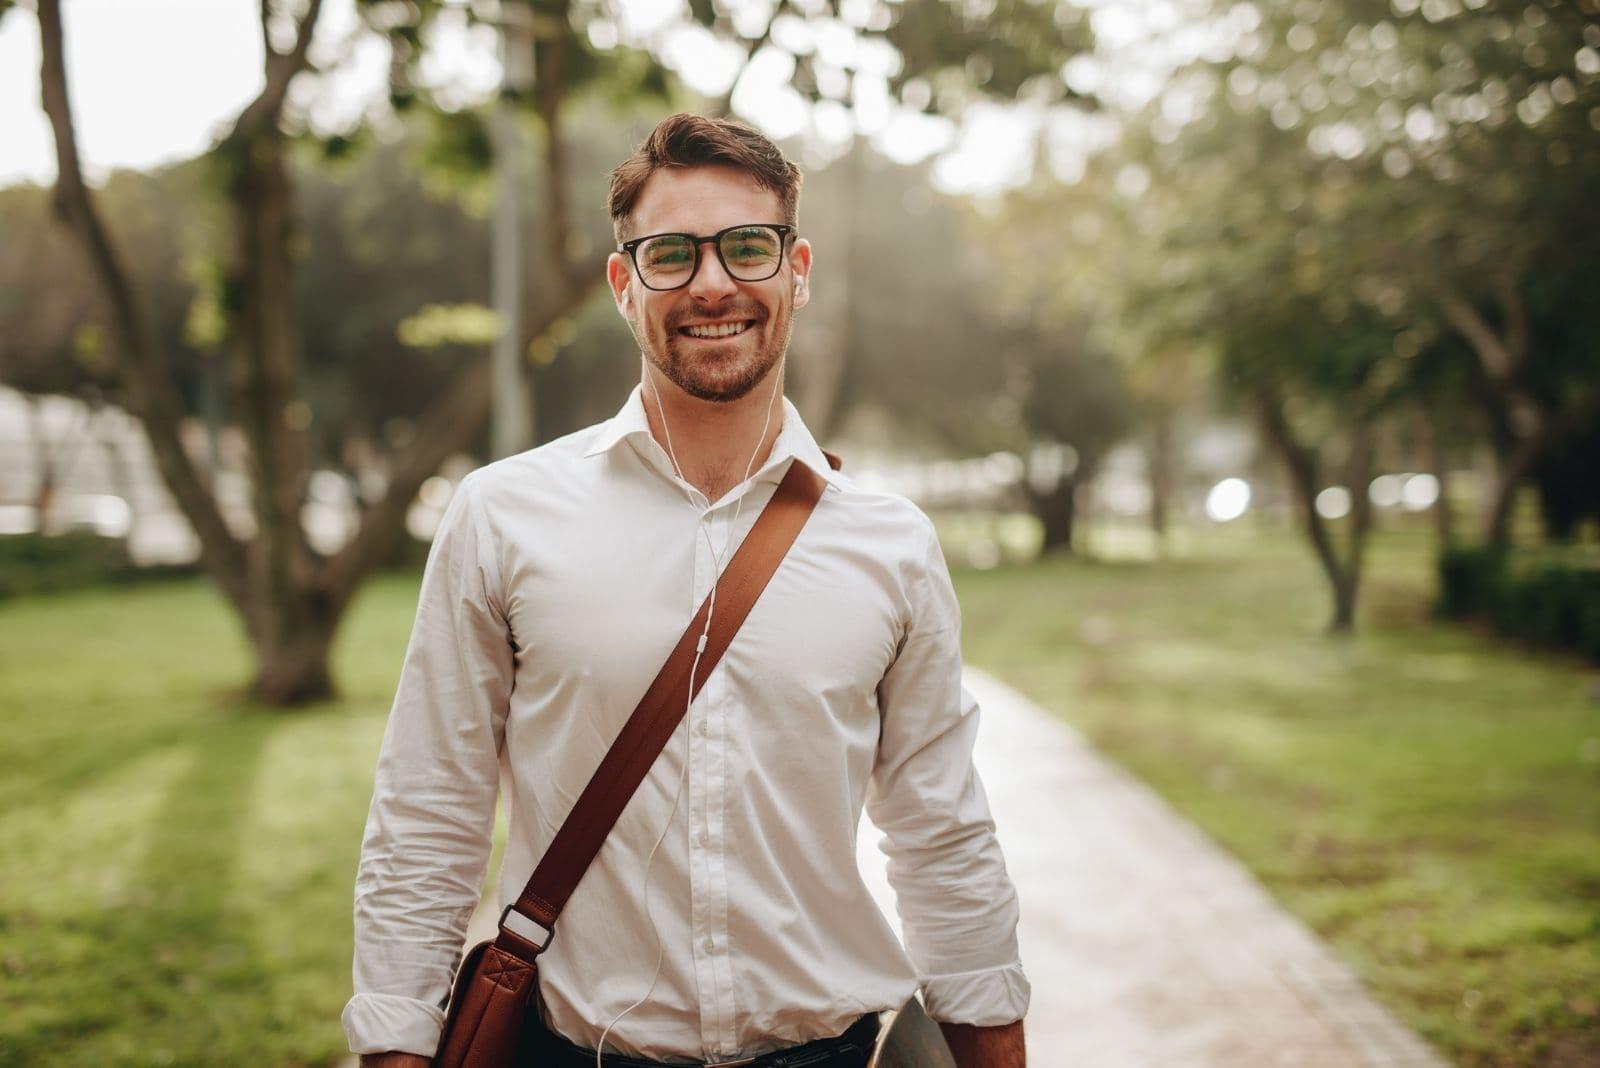 smiling businessman walking outdoors carrying bag wearing eyeglasses